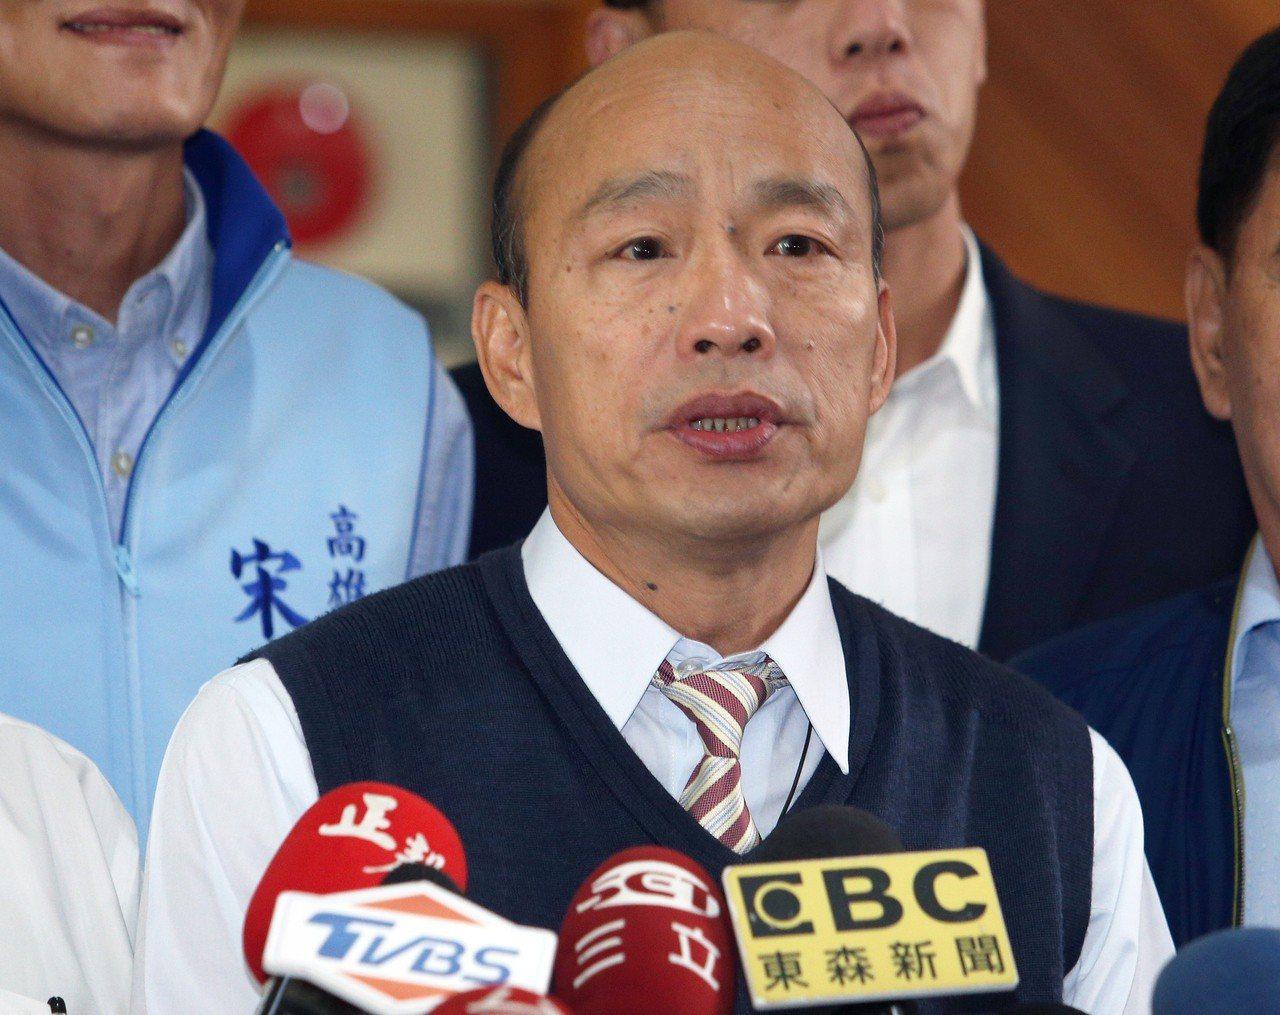 高雄市長韓國瑜目前民調暫居領先。 記者劉學聖/攝影